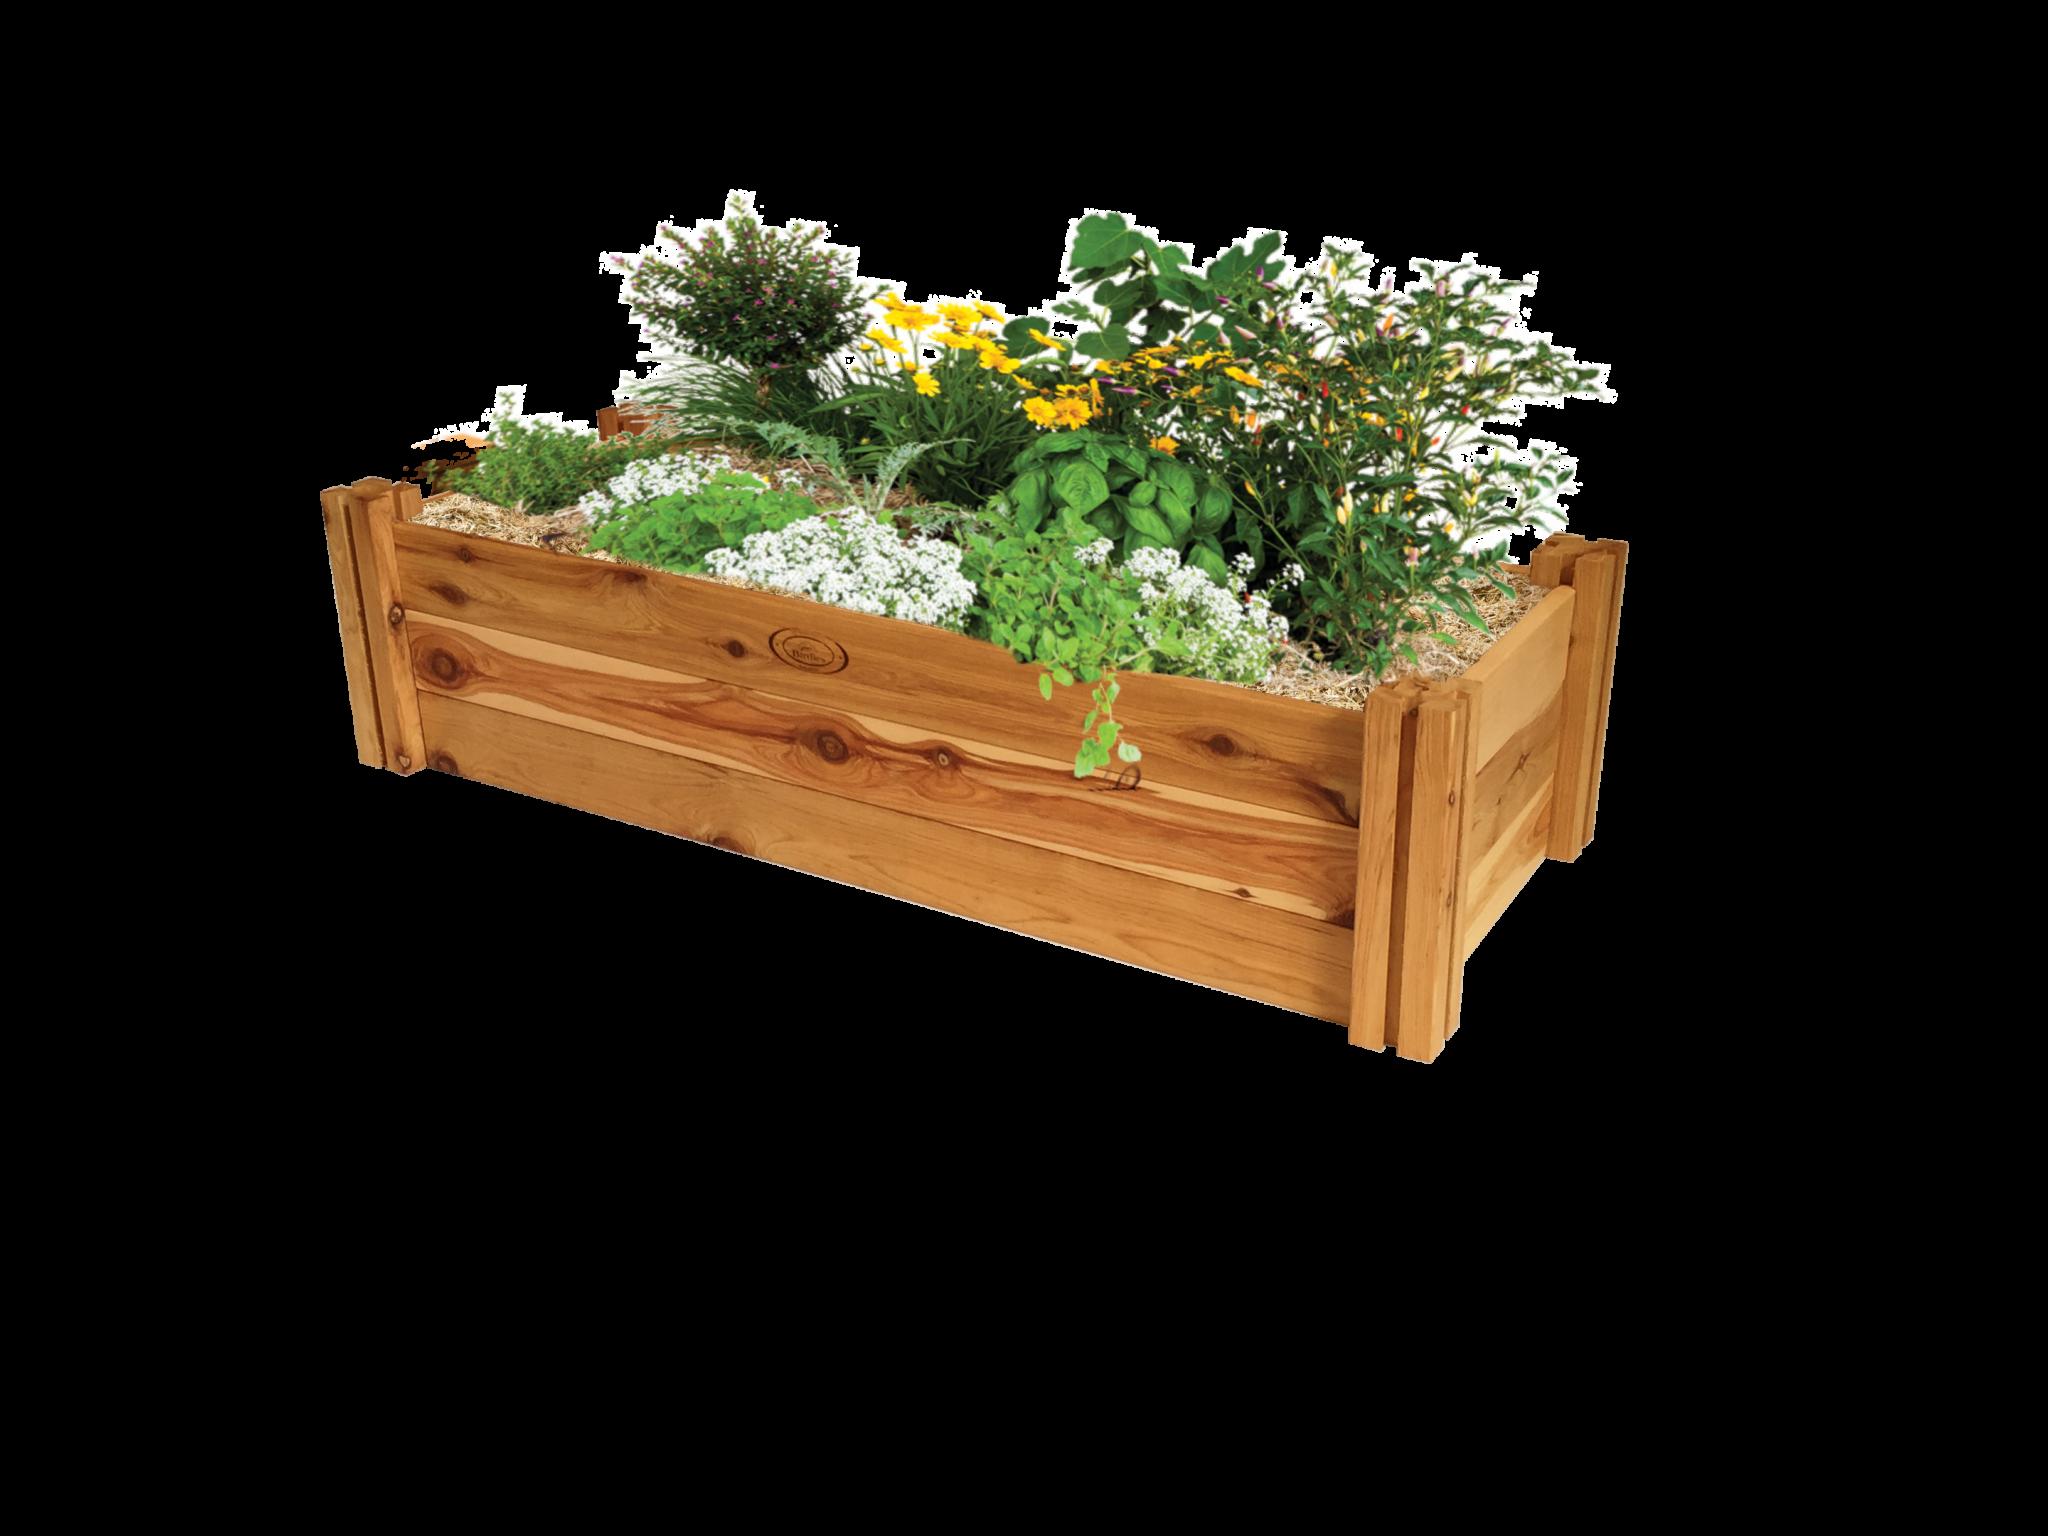 rectangular planter birdies garden productsbirdies garden products - Garden Bed